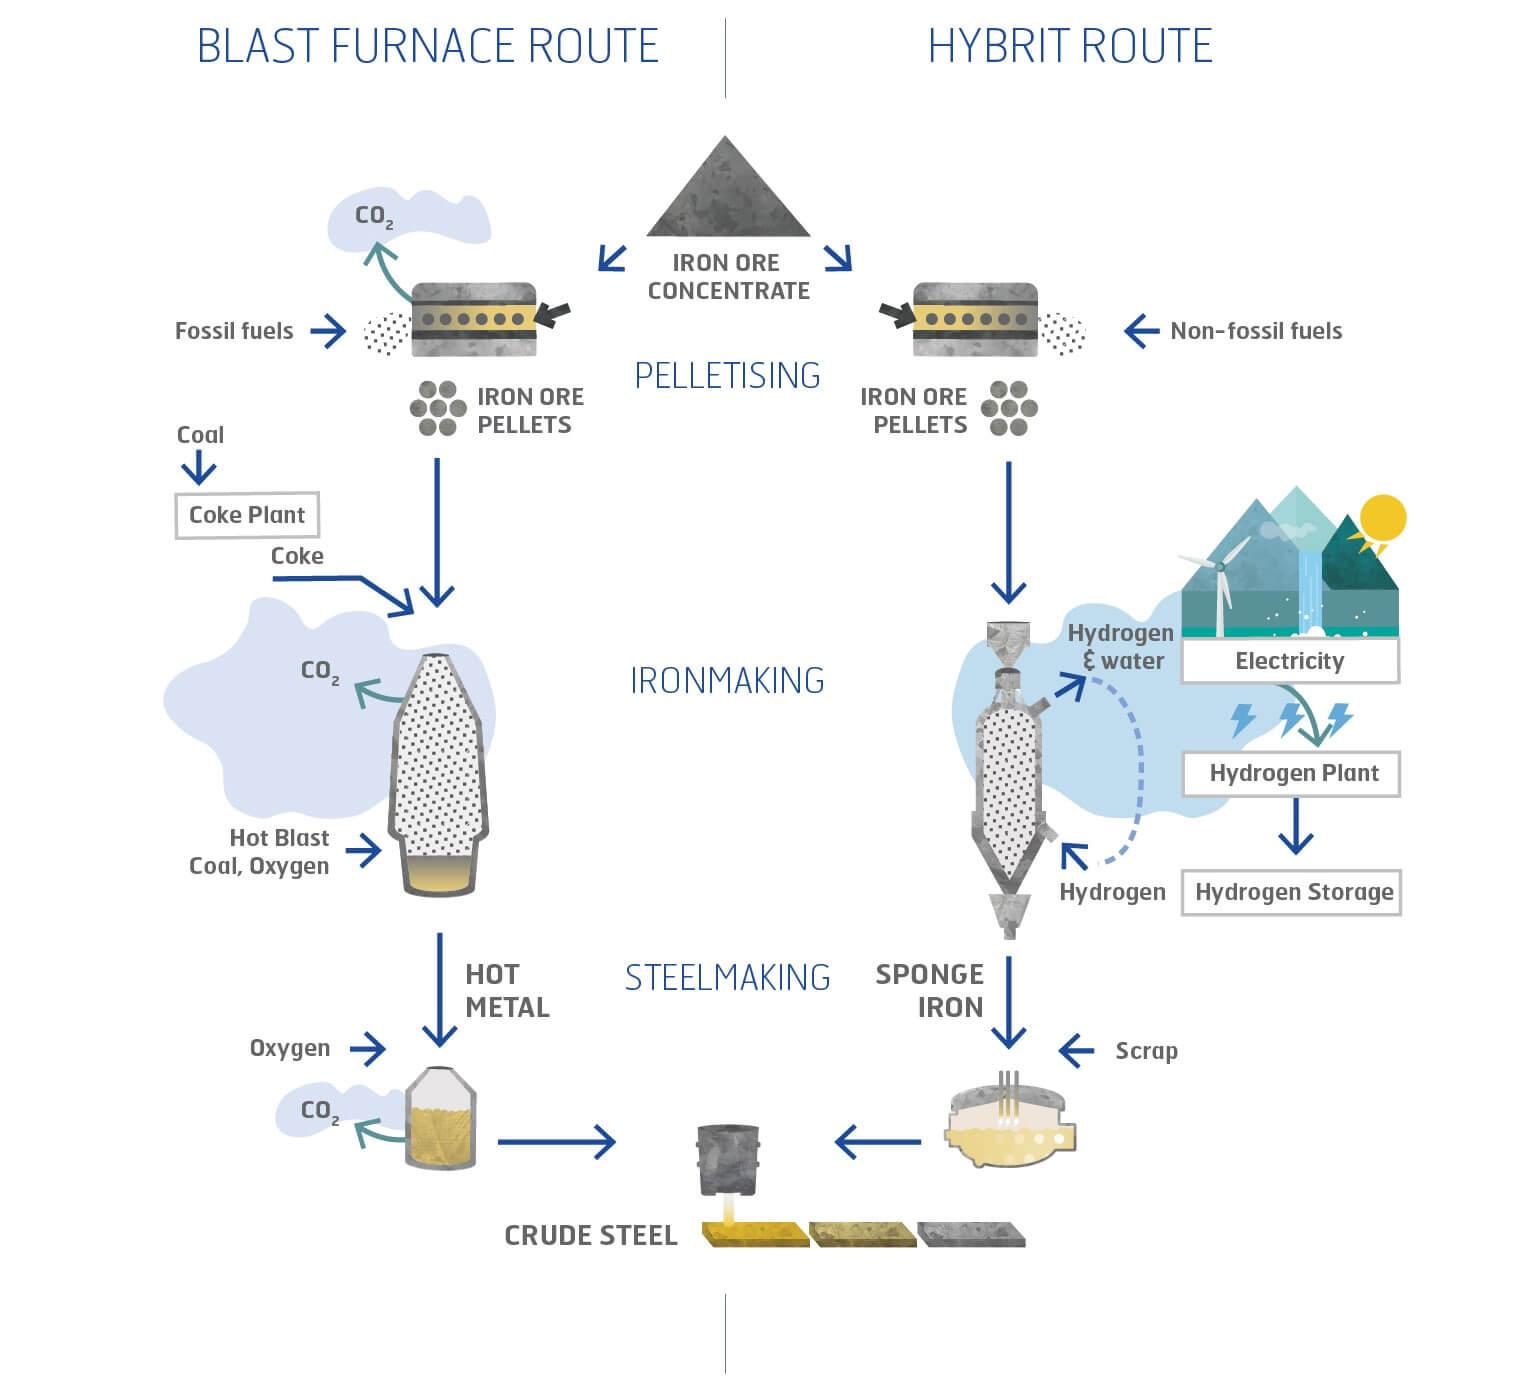 Grafische Darstellung der Funktionsweise des neuen Hybrit Kessels mit Wasserstoff statt Kohlenstoffdioxid